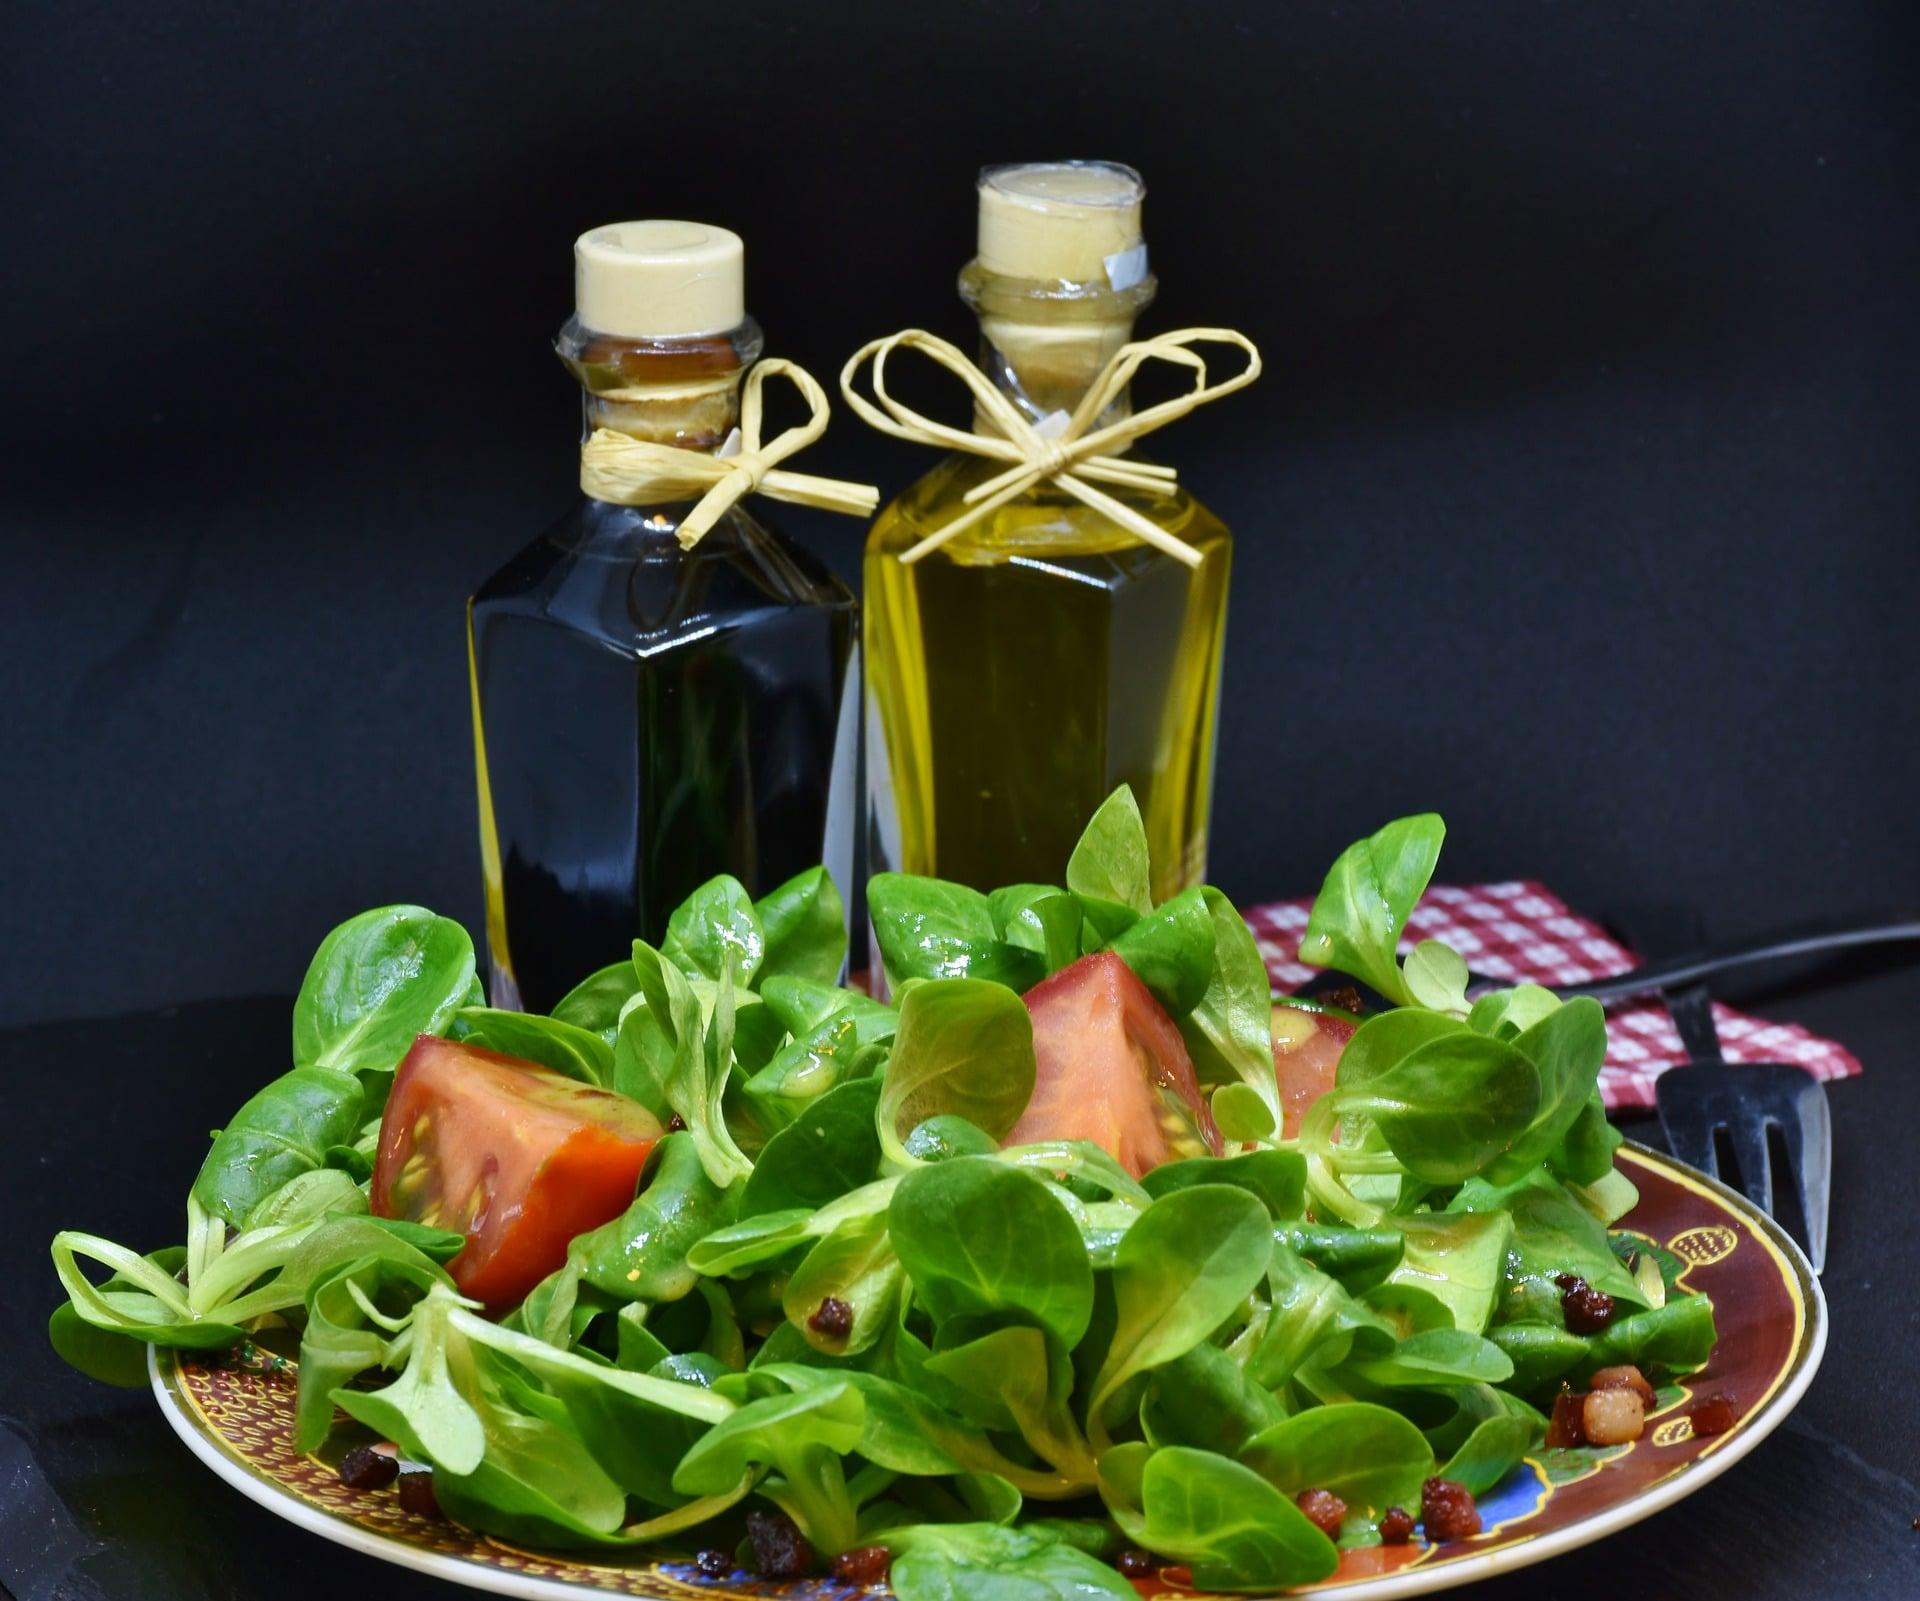 Jablečný ocet spolu s olivovým olejem je výbornou kombinací k dochucení salátu / zdroj: pixabay.com